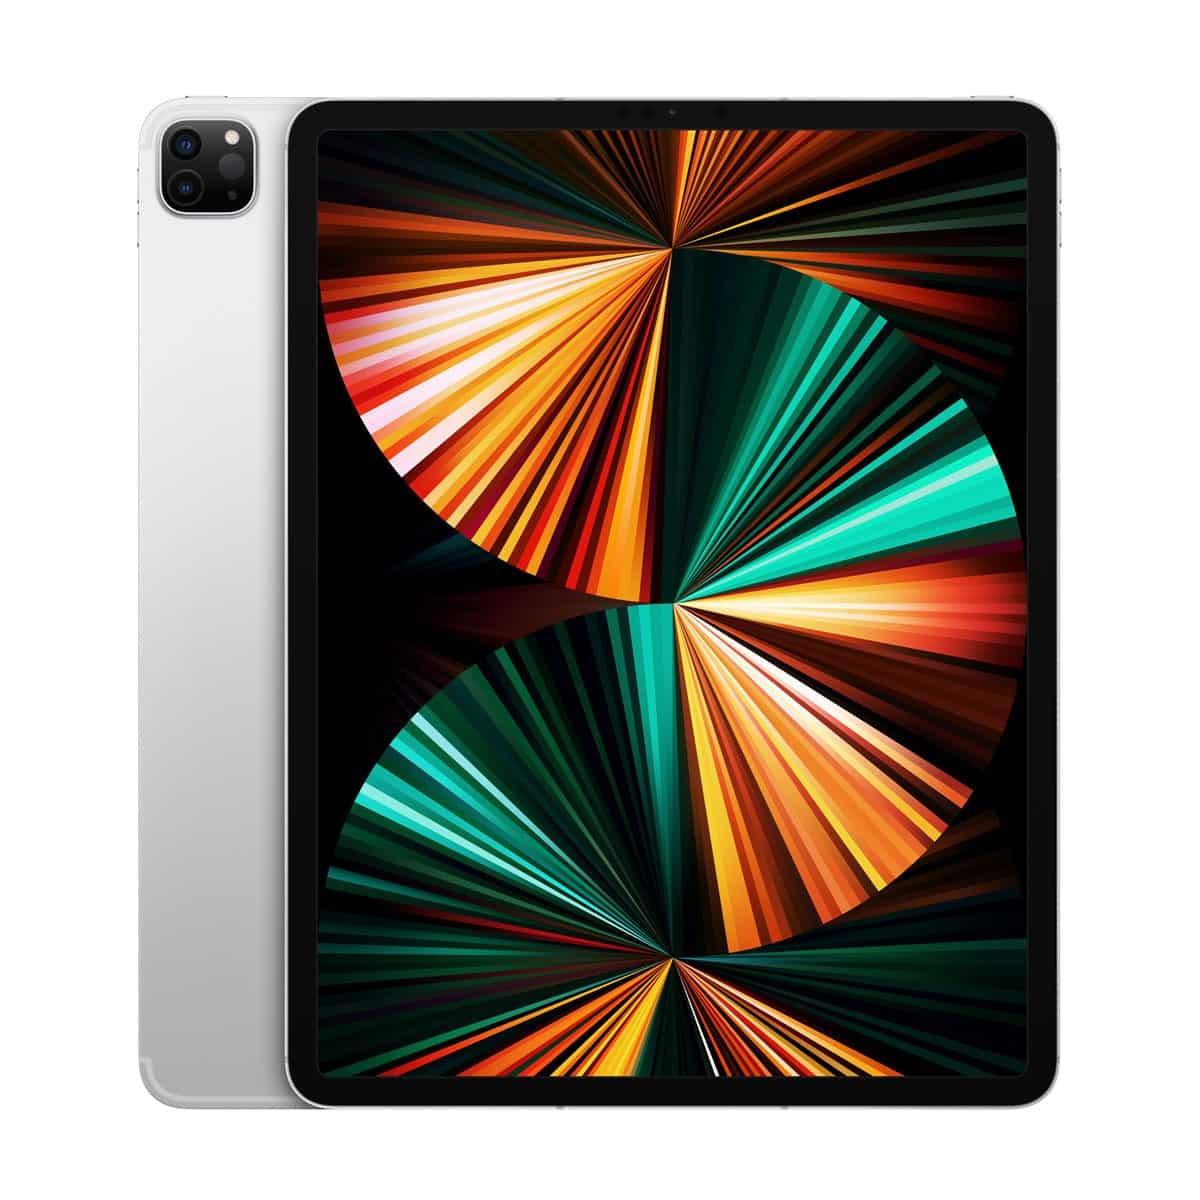 Nuevo iPad Pro 12.9, 256GB, Wi-Fi+Cellular Plata